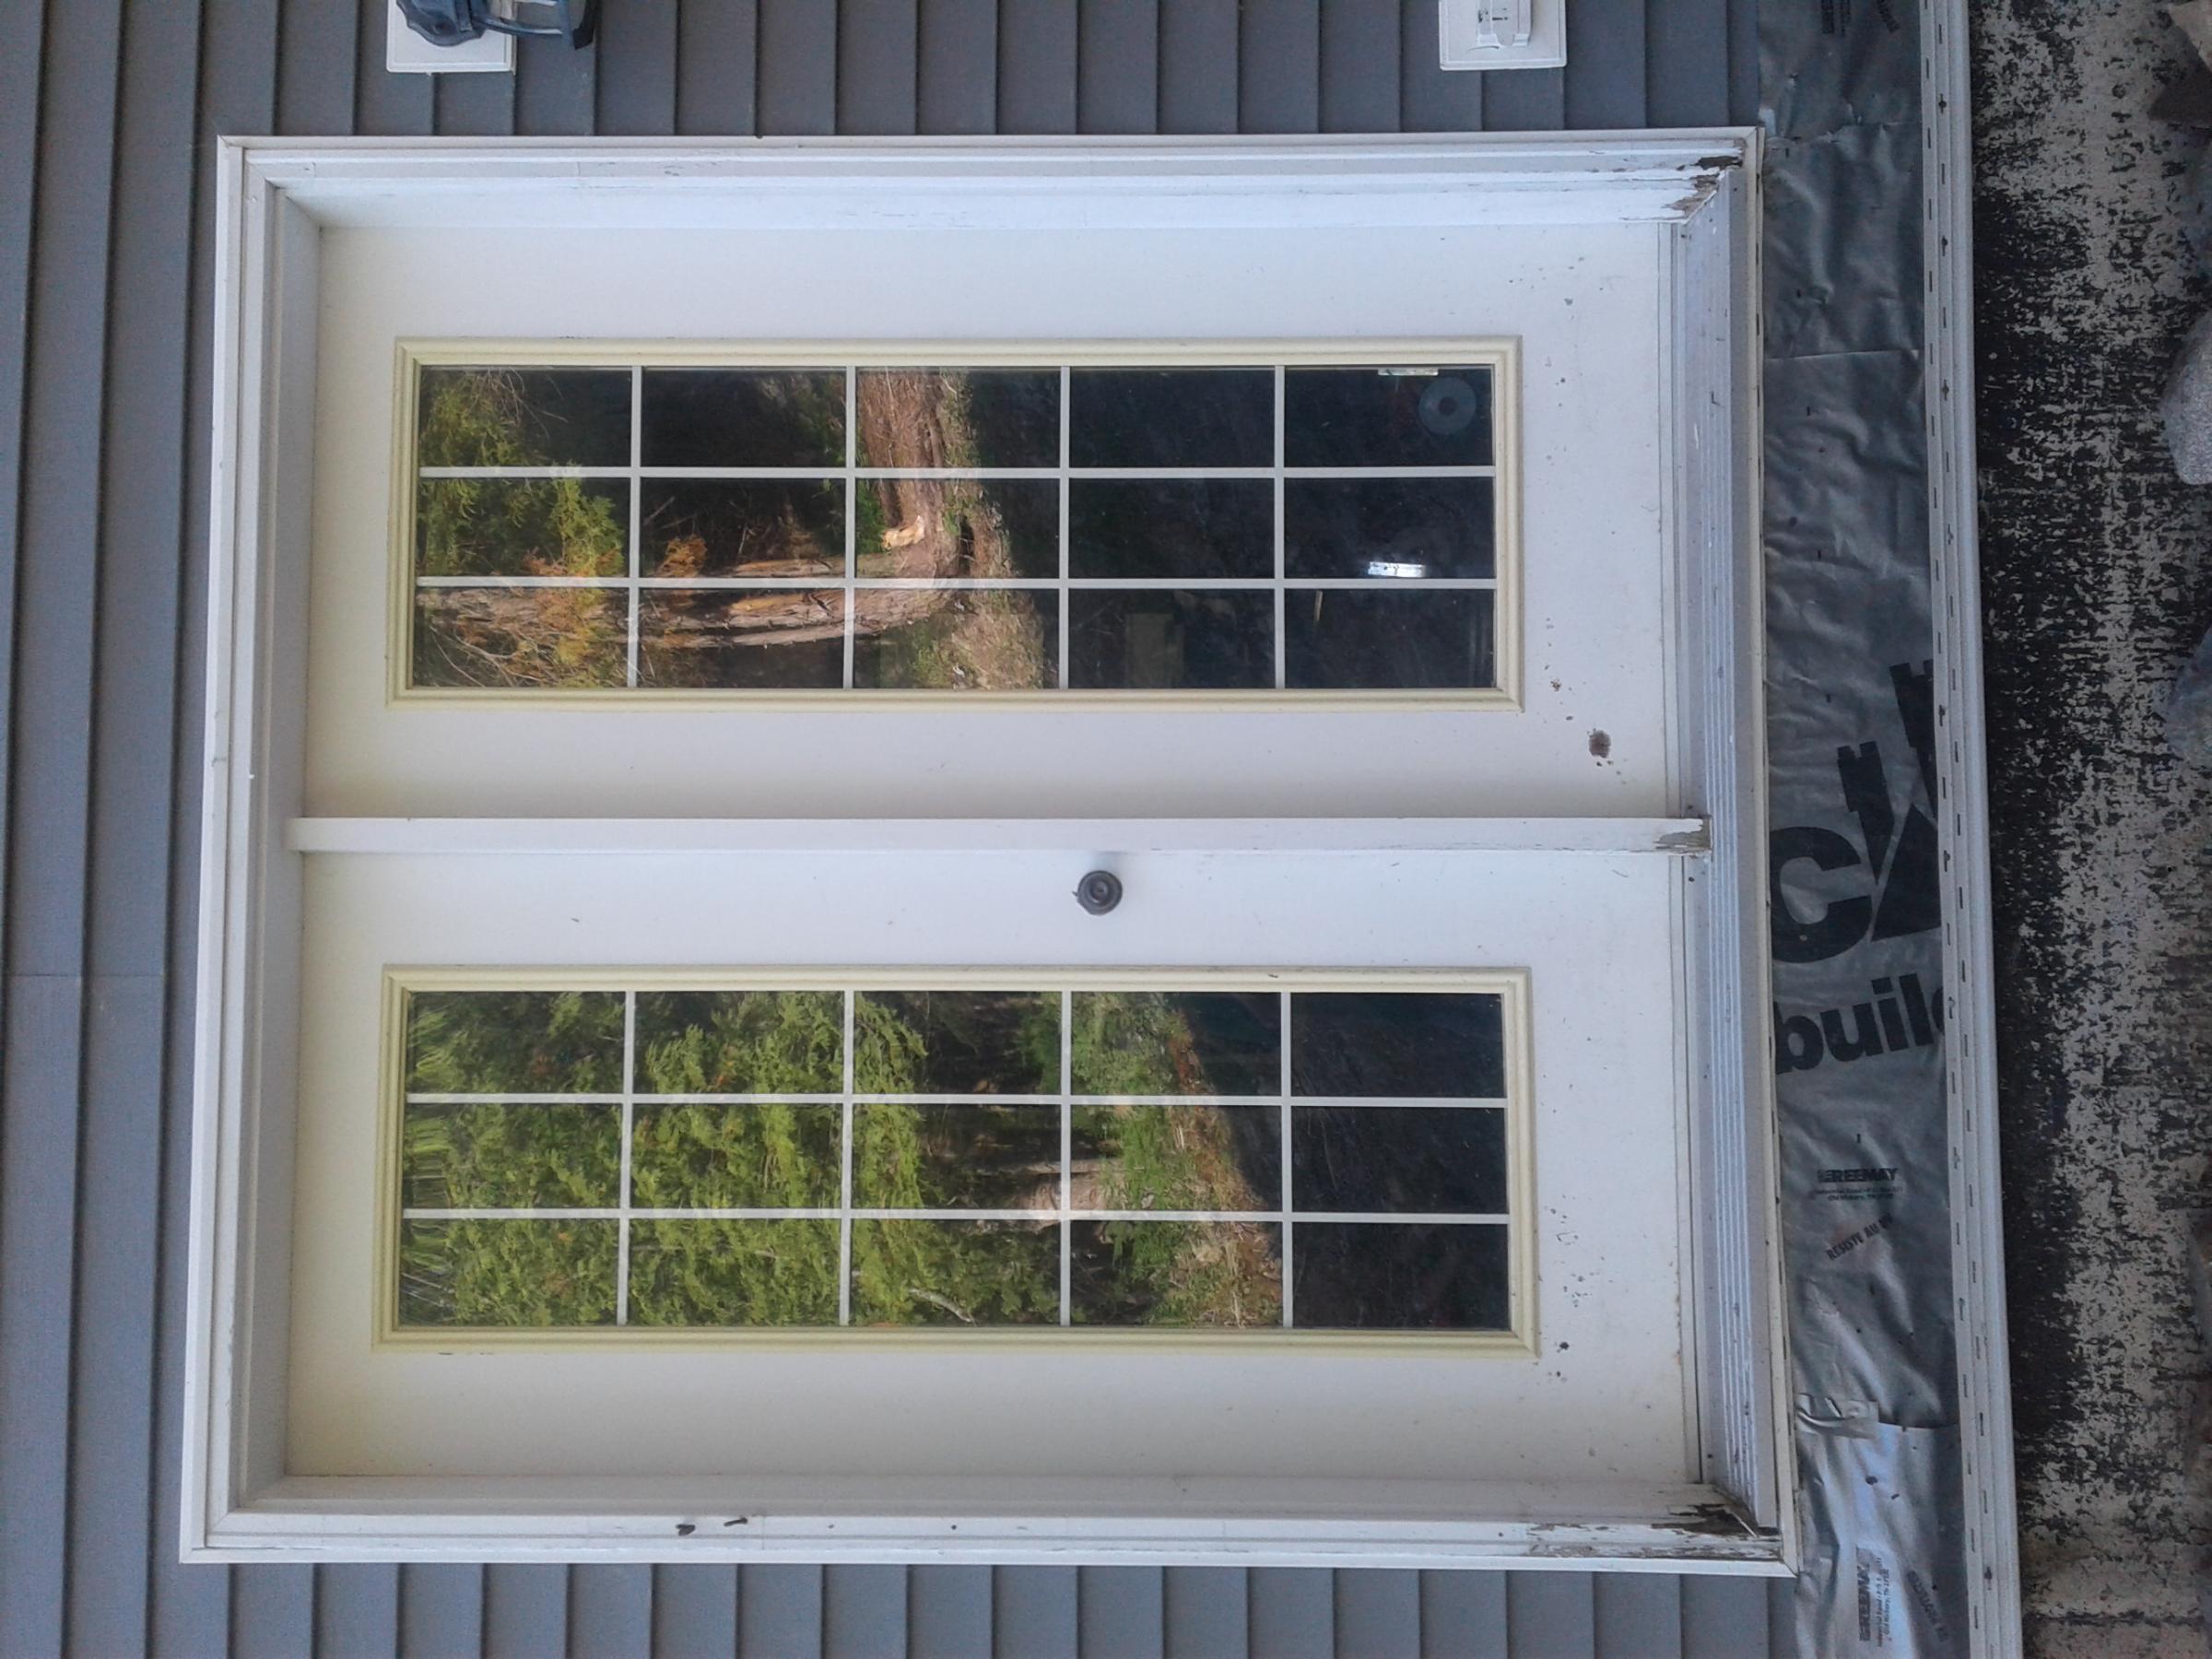 Removing double door installing sliding door-20190804_180115_1565448063124.jpg